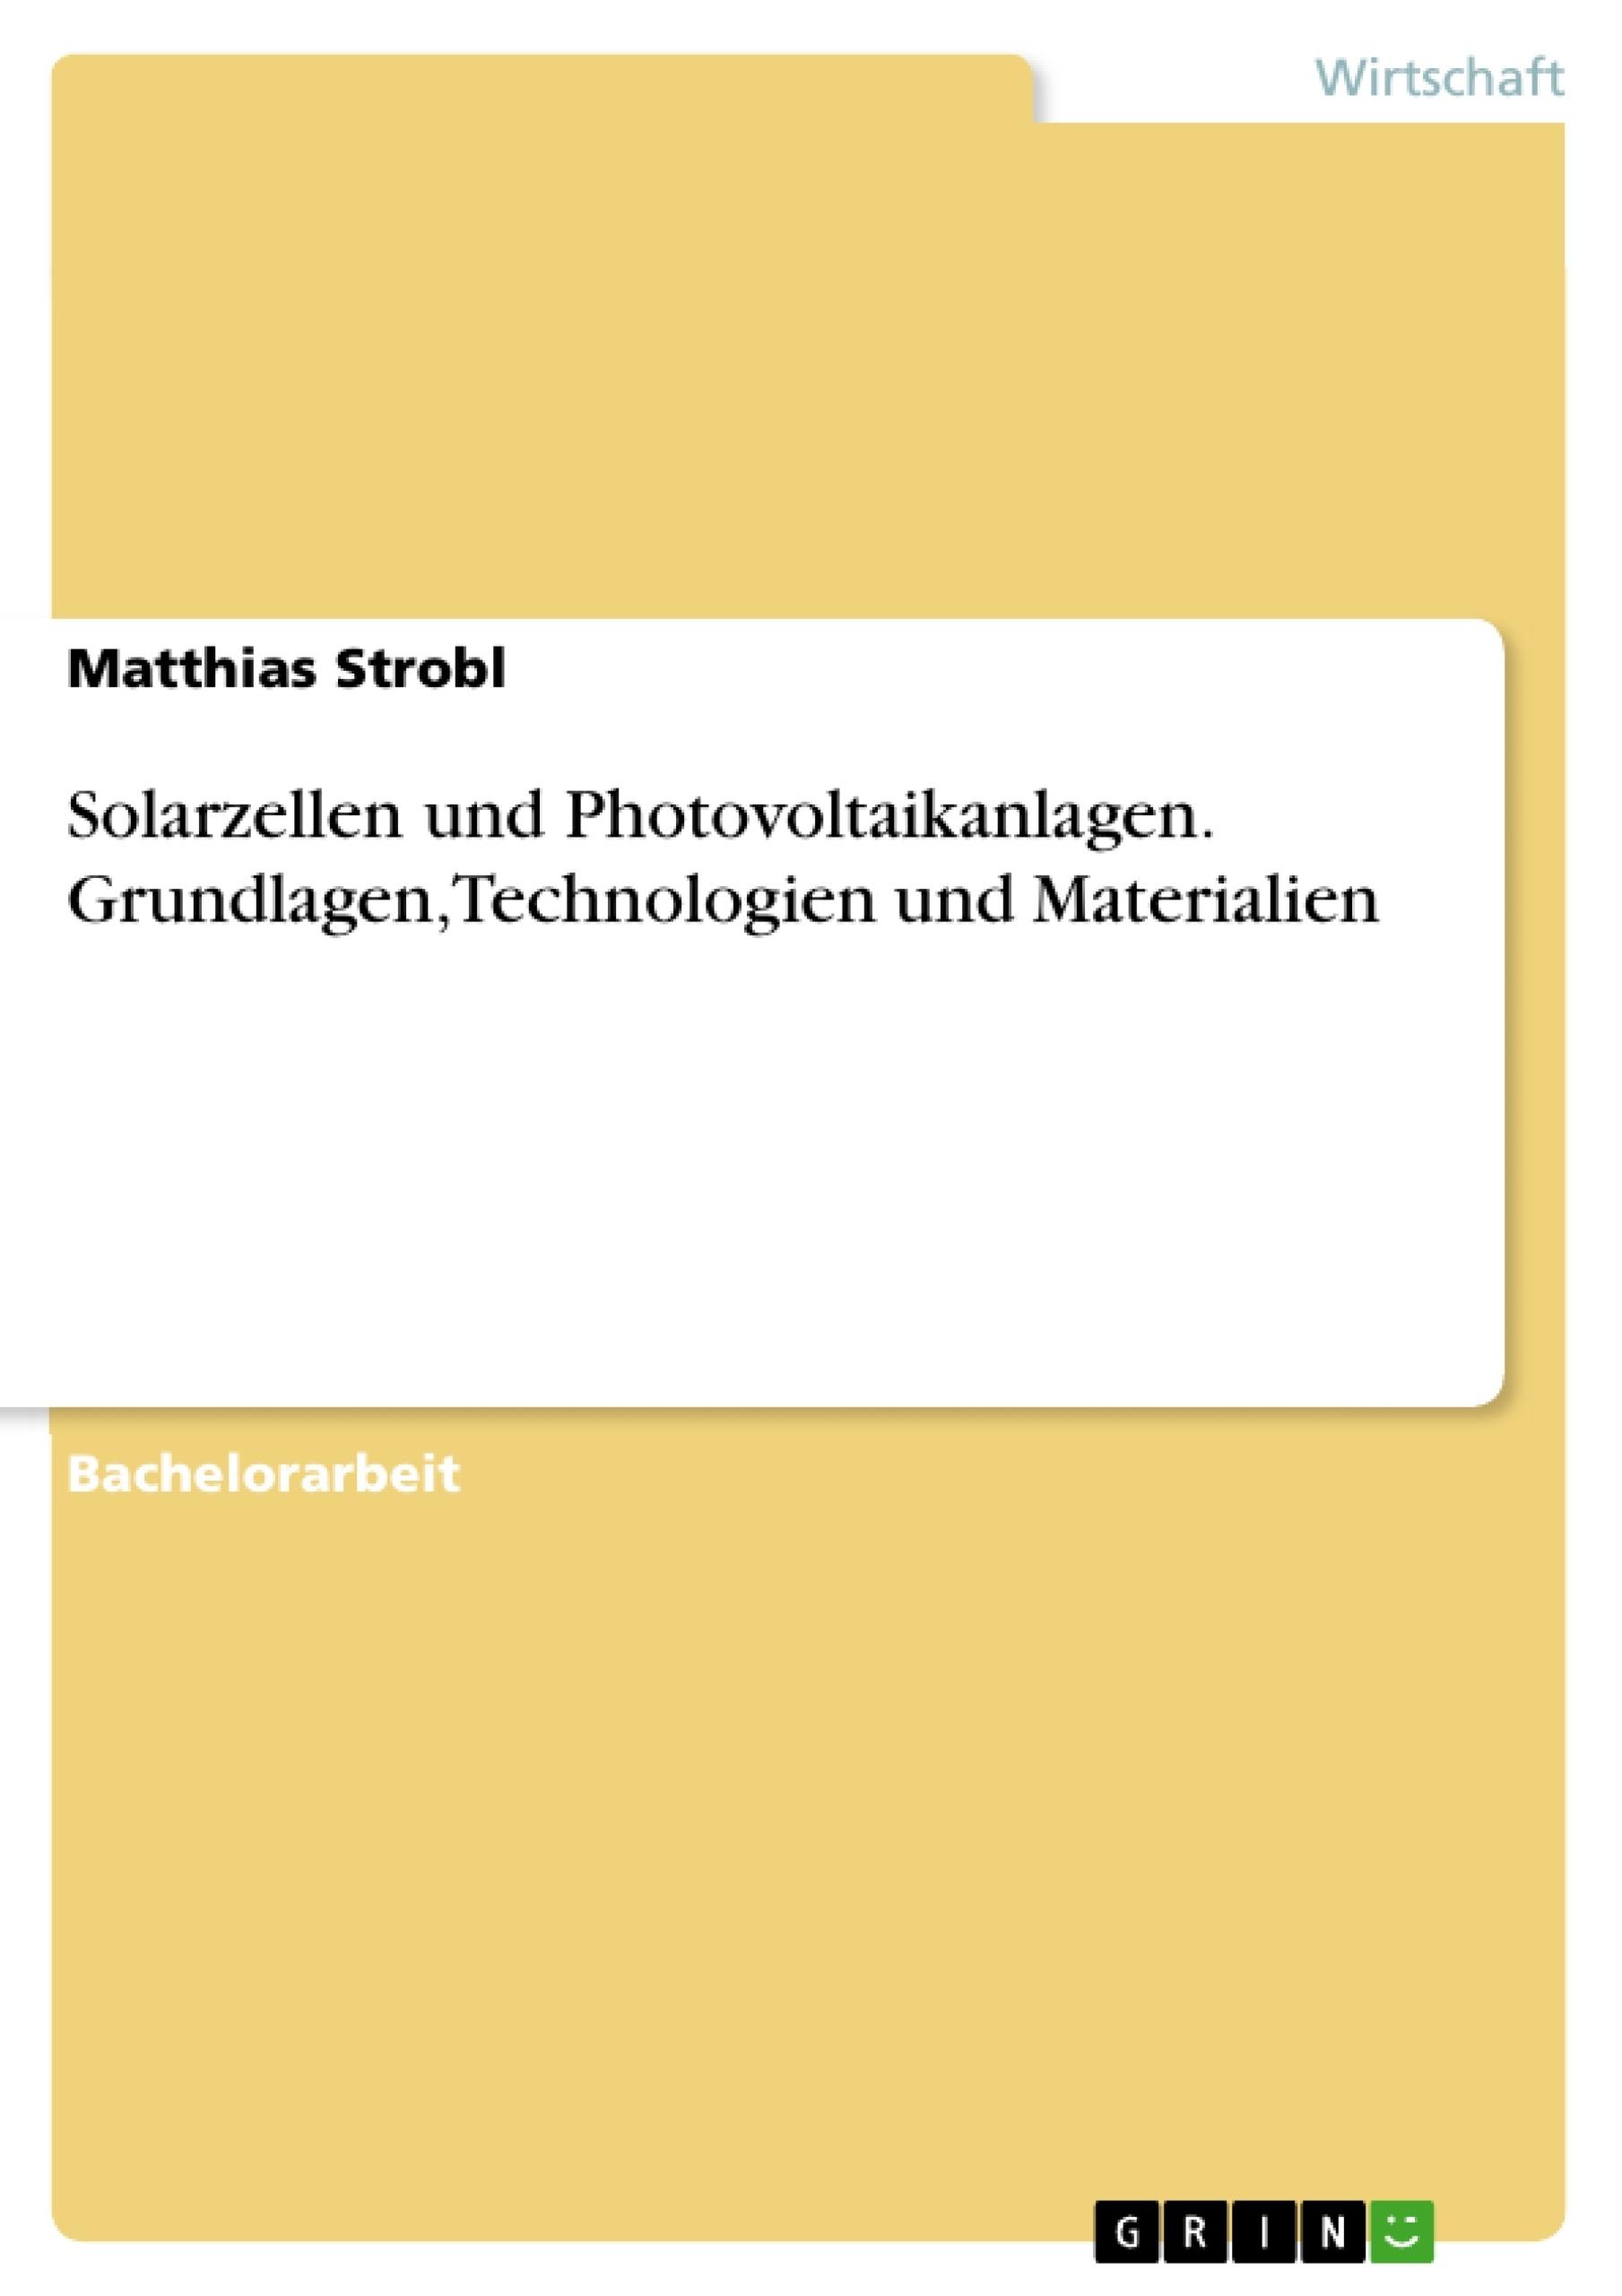 Titel: Solarzellen und Photovoltaikanlagen. Grundlagen, Technologien und Materialien